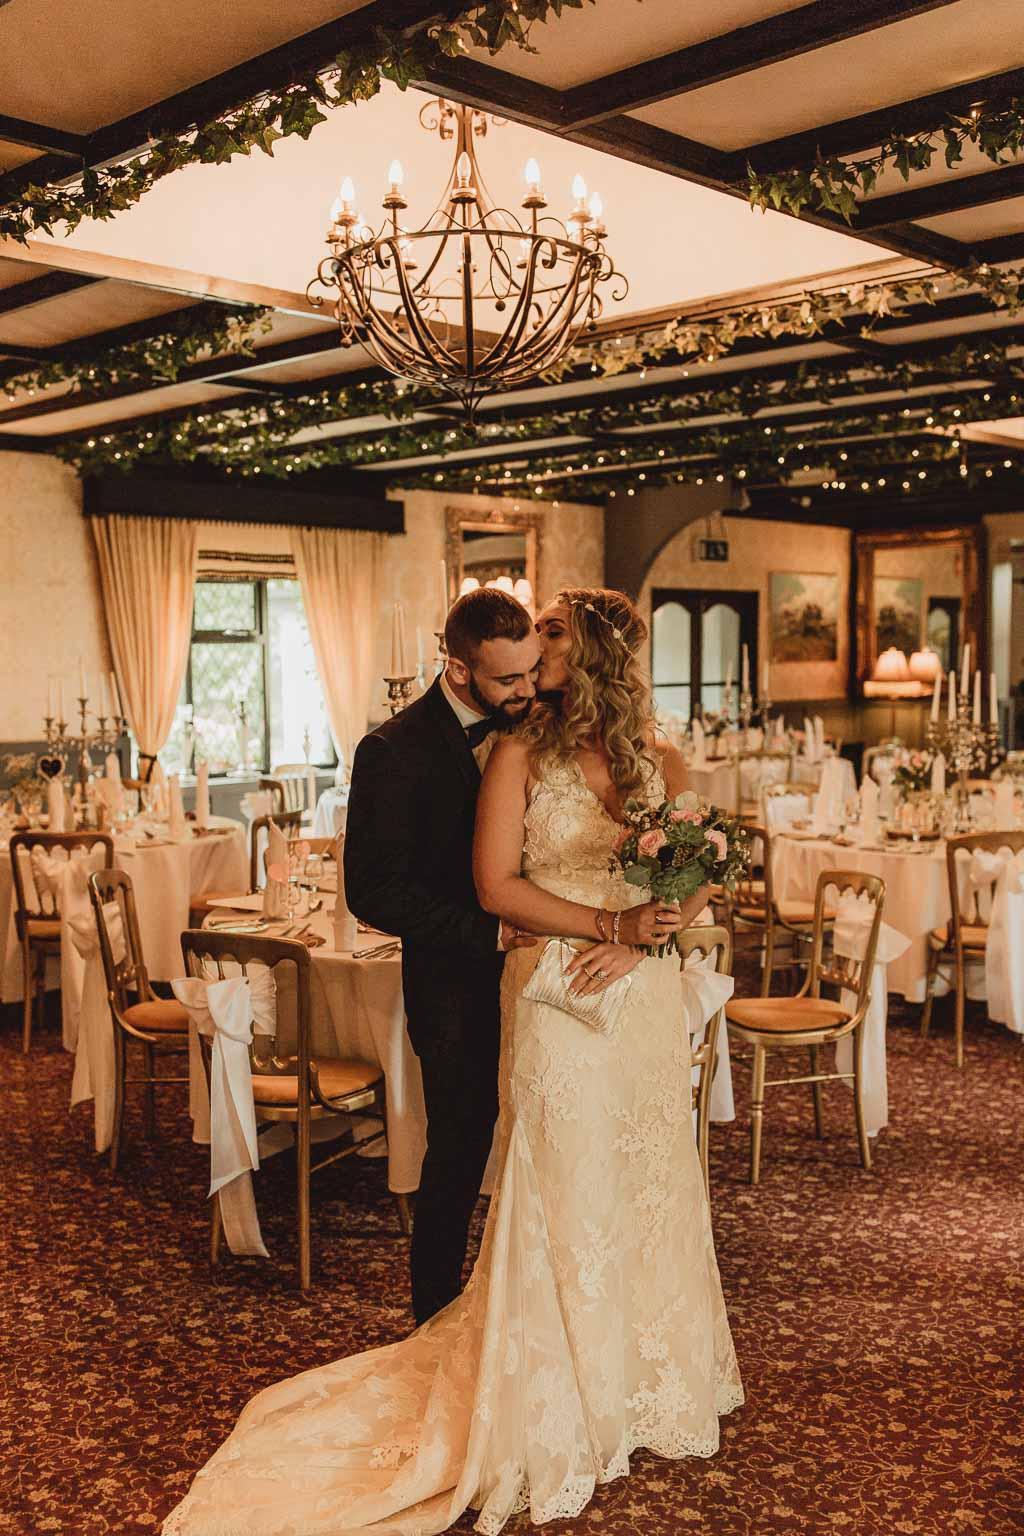 shabby chic wedding ideas-40.jpg